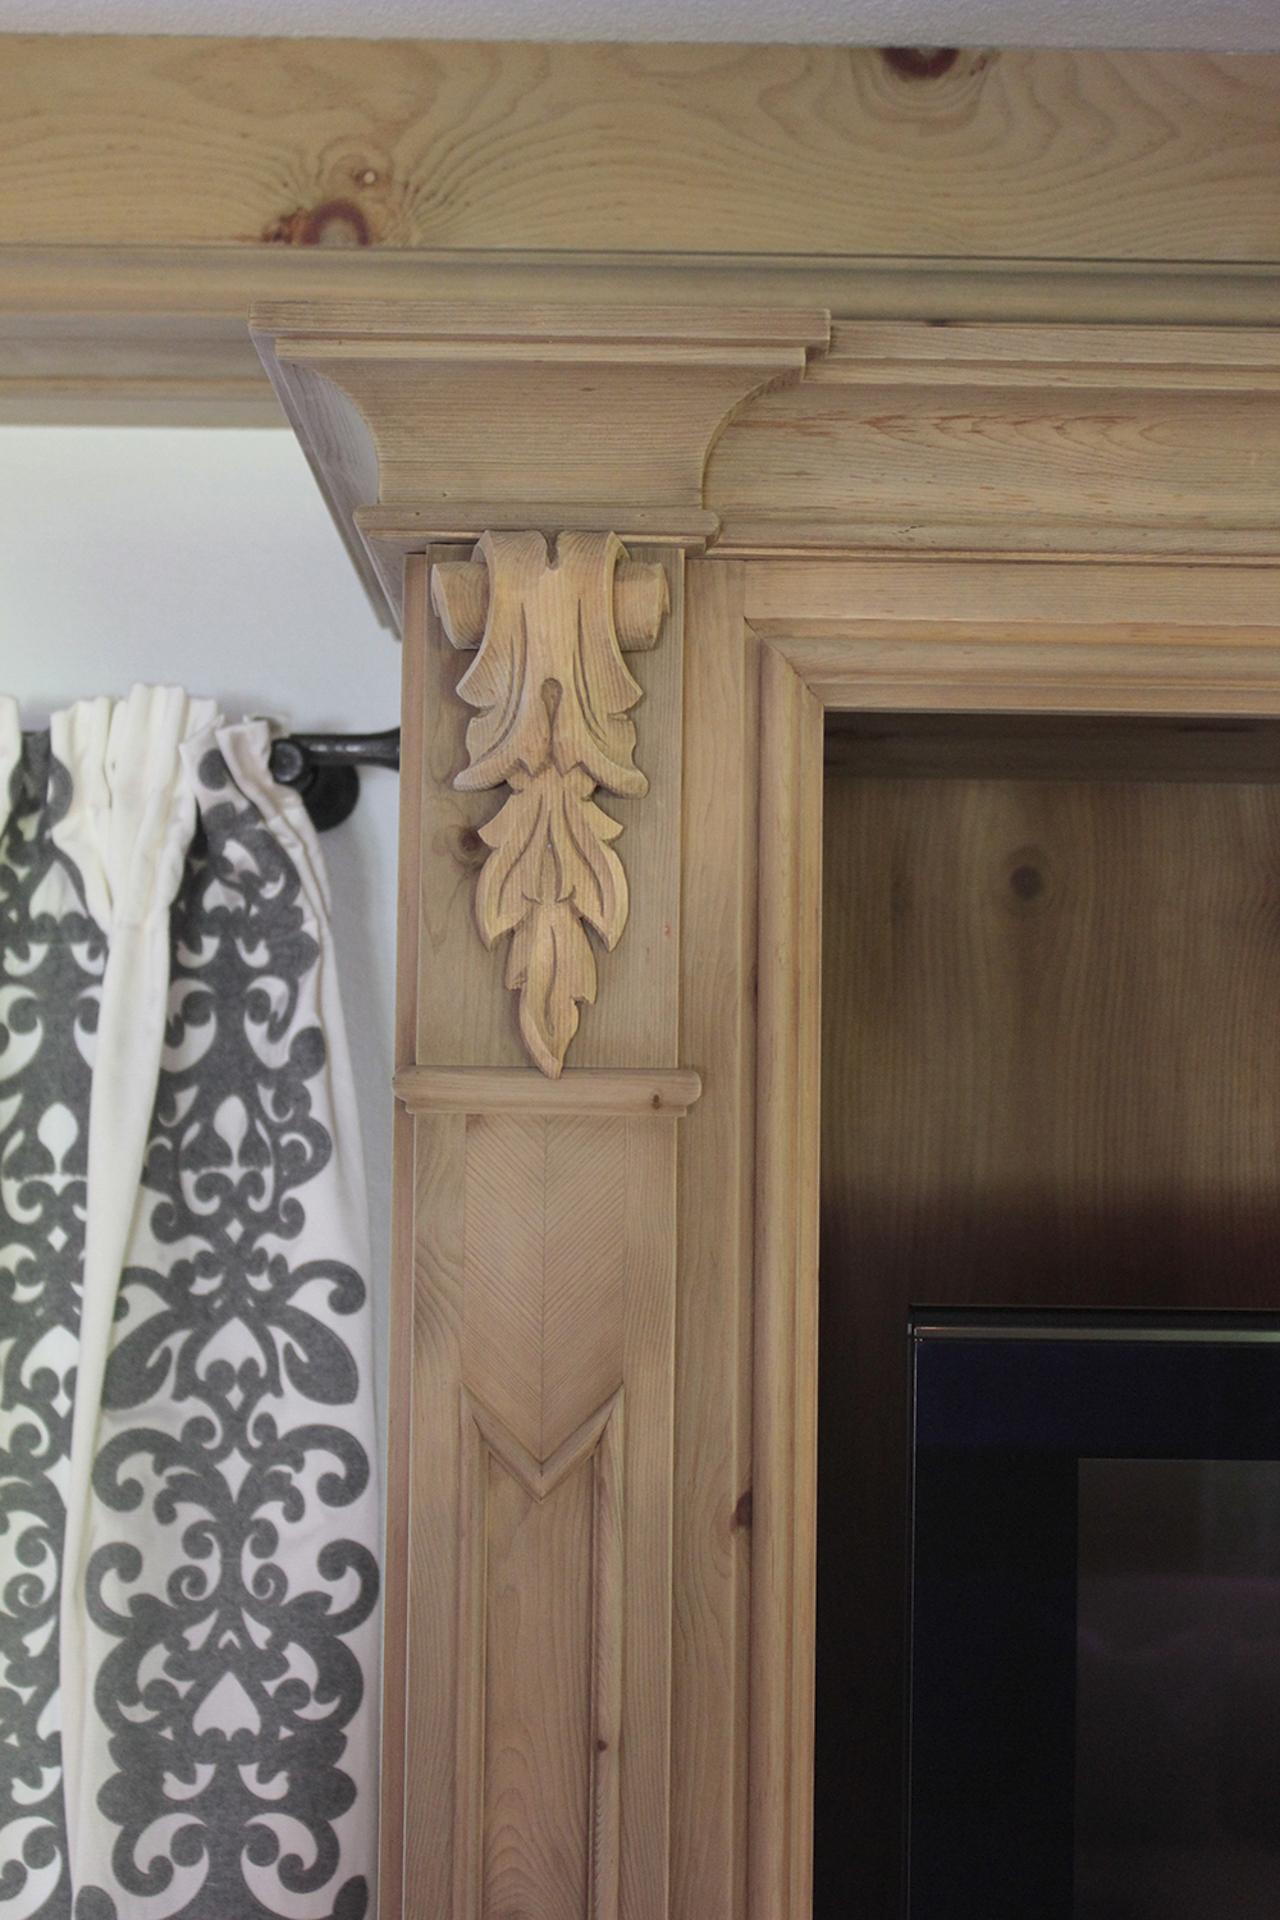 tischlerei-decker-Fam-Heil-Wohnzimmer-Detail